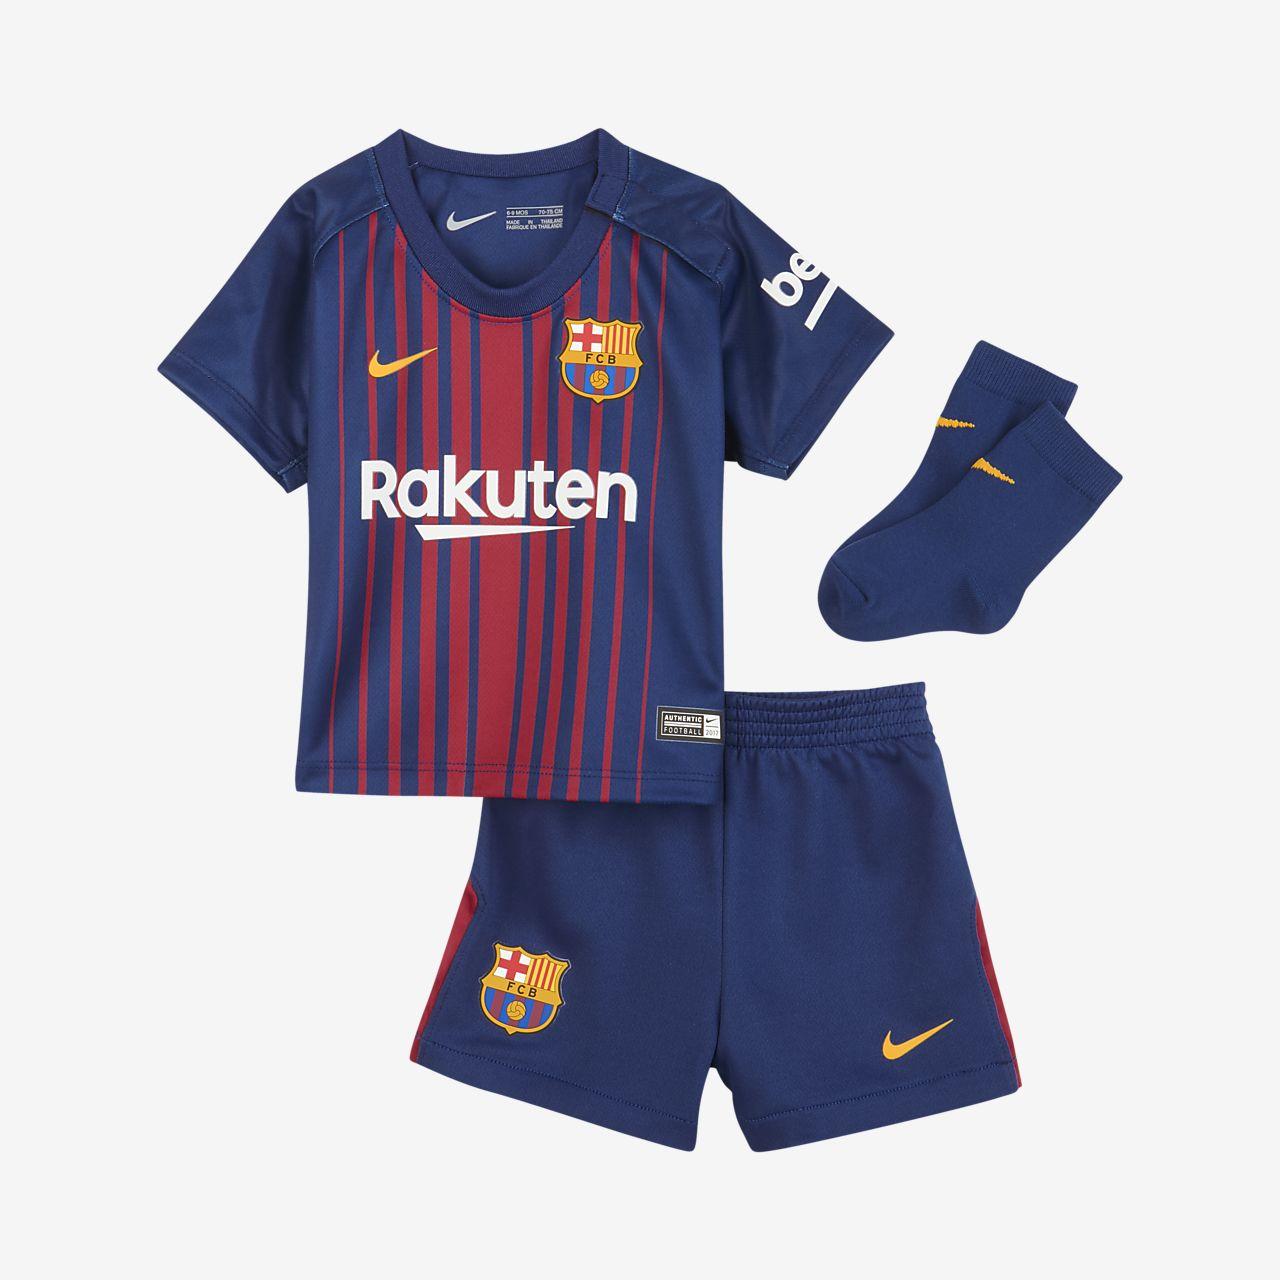 ... 2017/18 FC Barcelona Stadium Home Baby & Toddler Football Kit